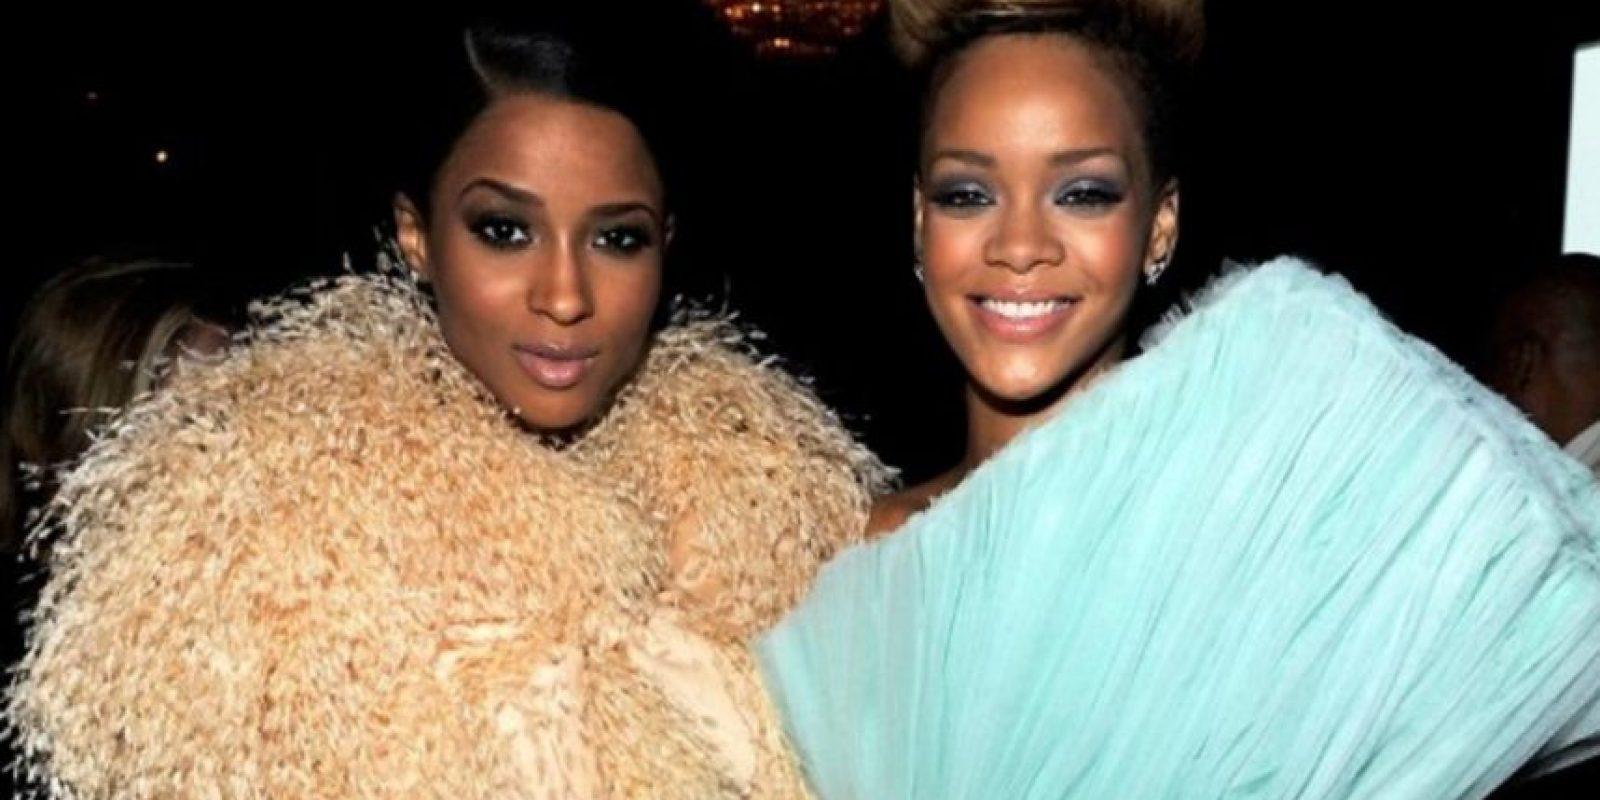 Rihanna vs Ciara. Pasaron de ser muy amigas, a enfrentarse a través de Twiter. Sin embargo, no se sabe con seguridad qué fue lo que ocurrió entre las dos Foto:Getty Images